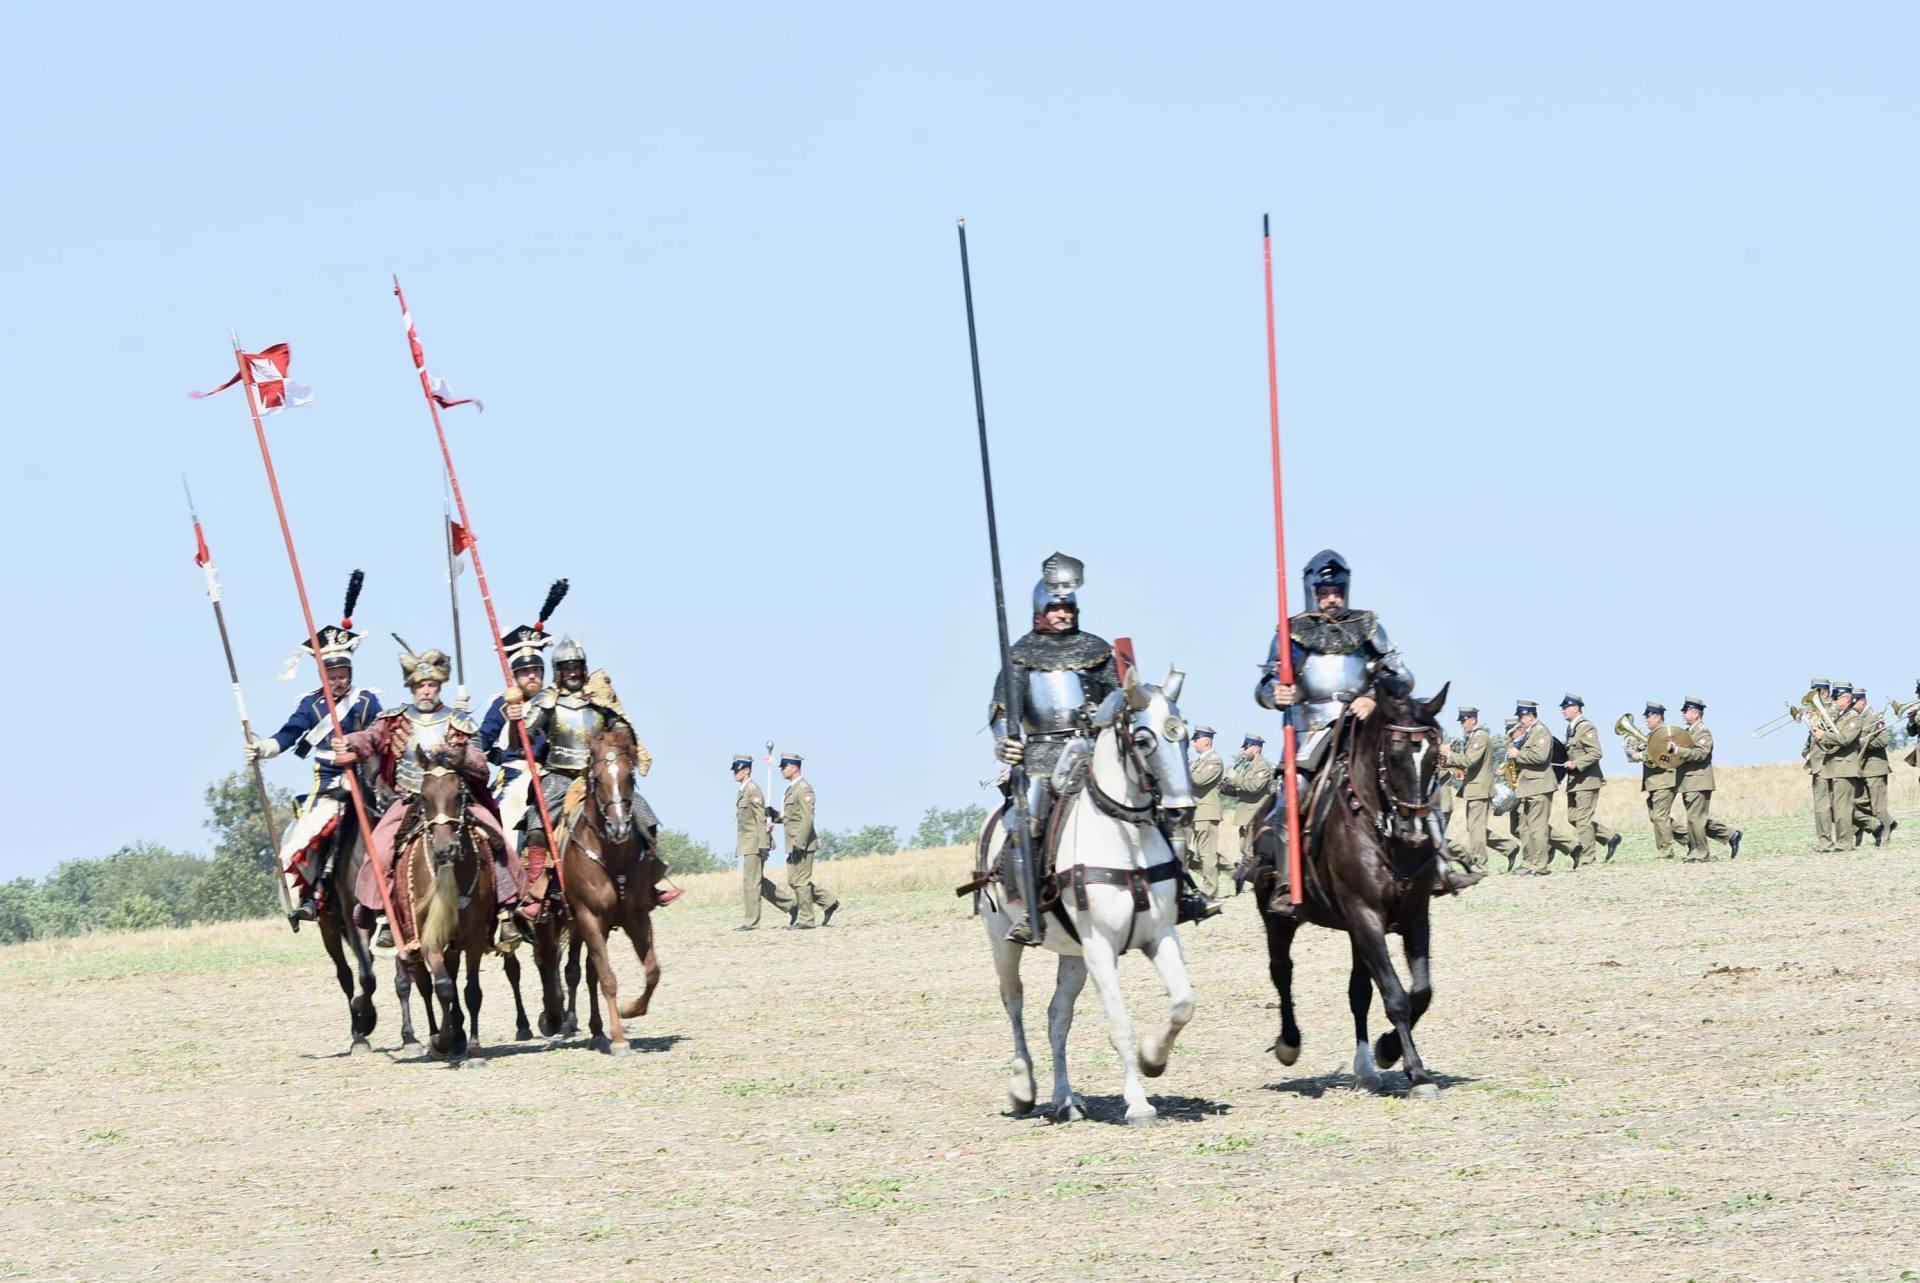 dsc 0663 Czas szabli - 100 rocznica bitwy pod Komarowem(zdjęcia)